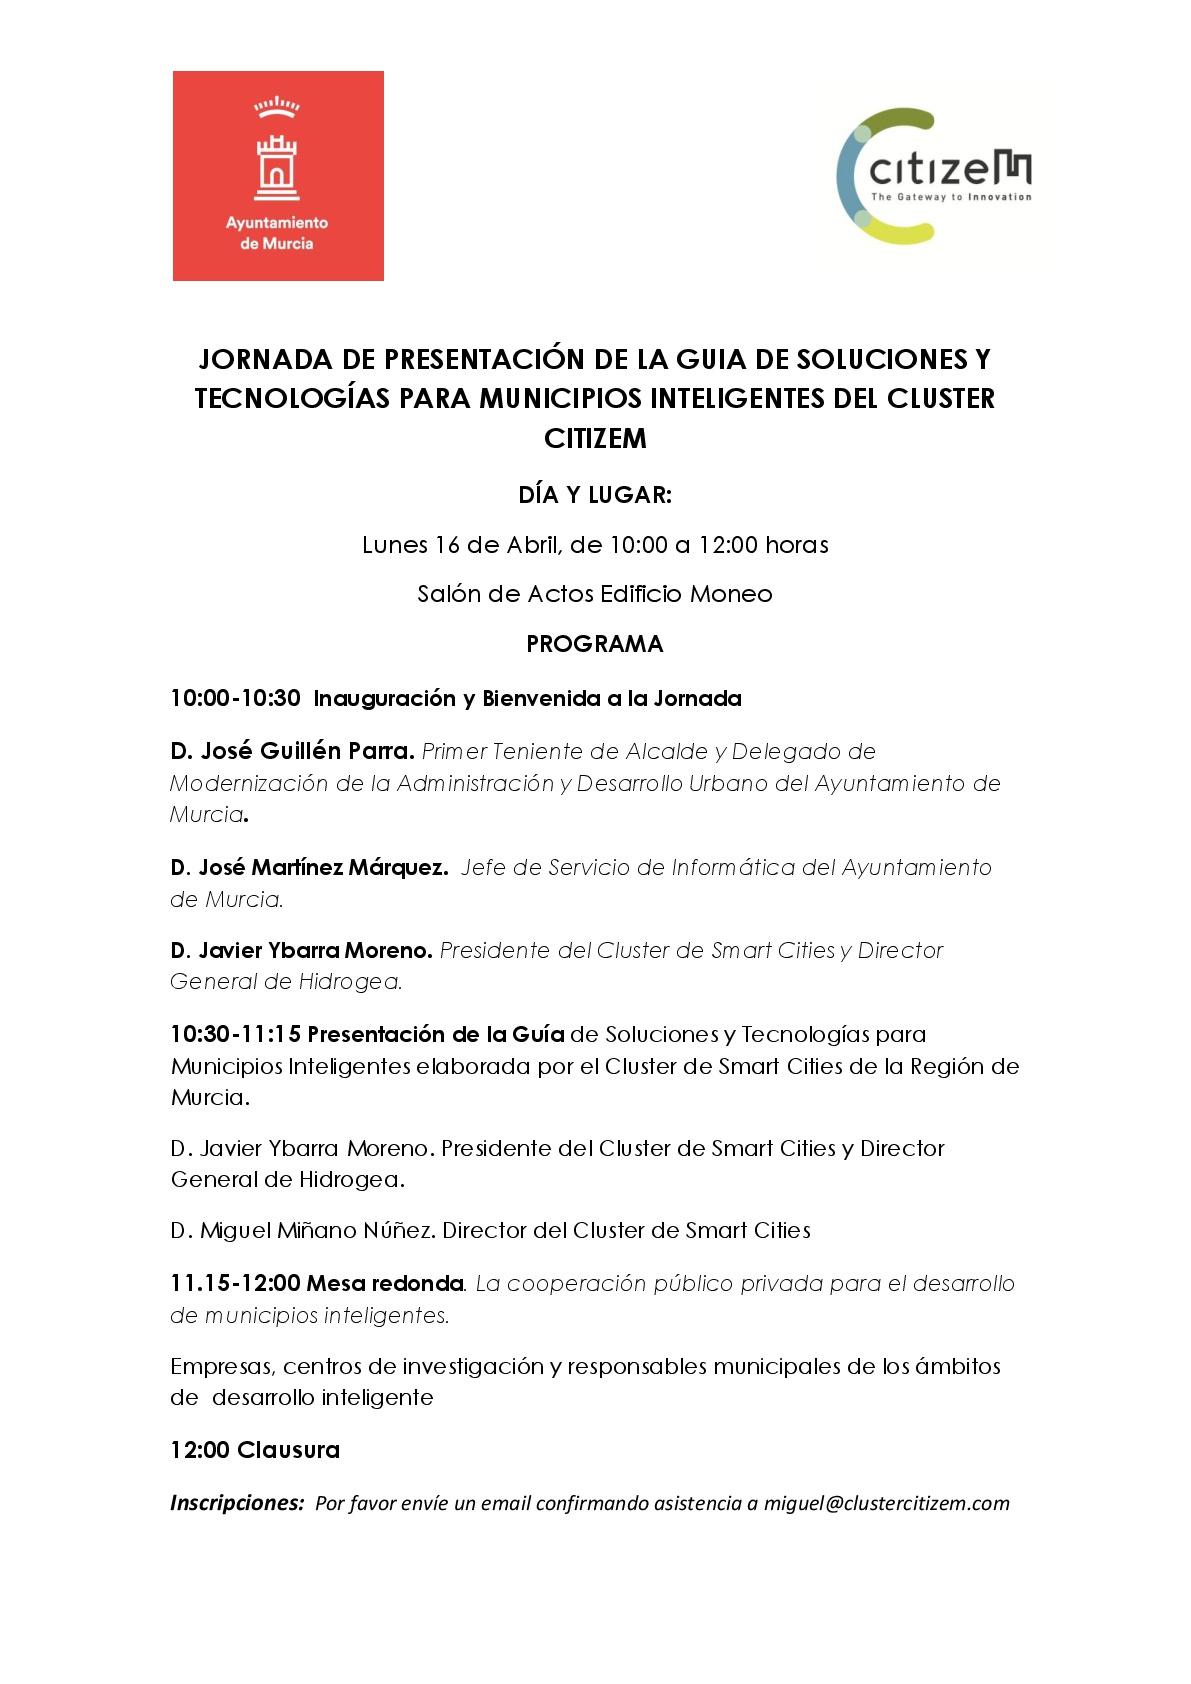 CitizeM, el Cluster de Smart Cities de la Región de Murcia presenta su guia de soluciones Smart City